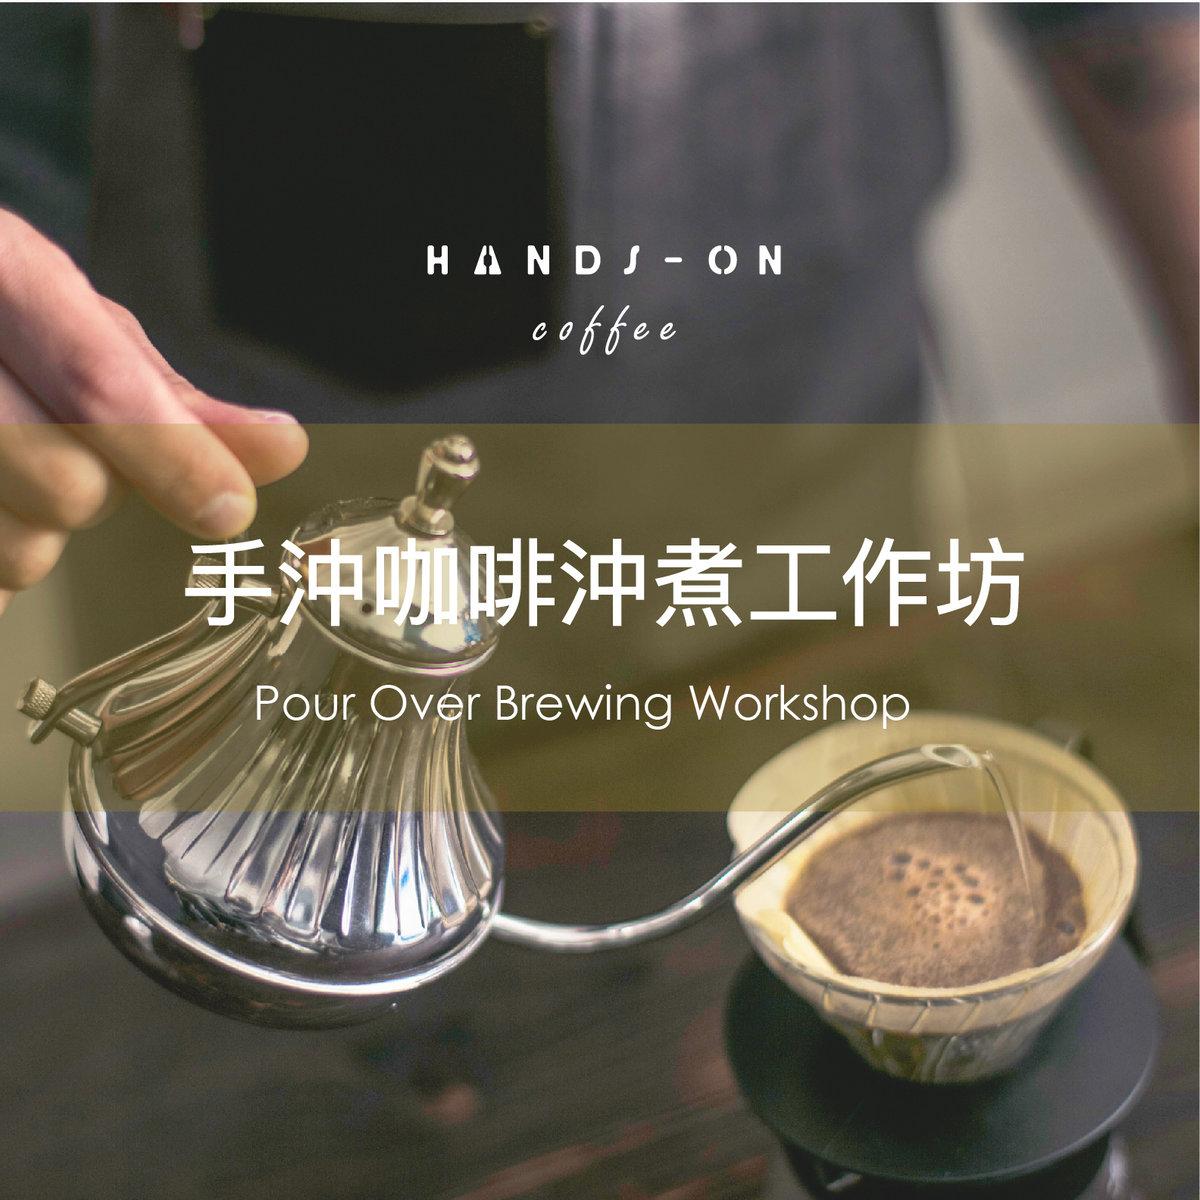 (19/5) [二人同行優惠] 手沖咖啡沖煮工作坊